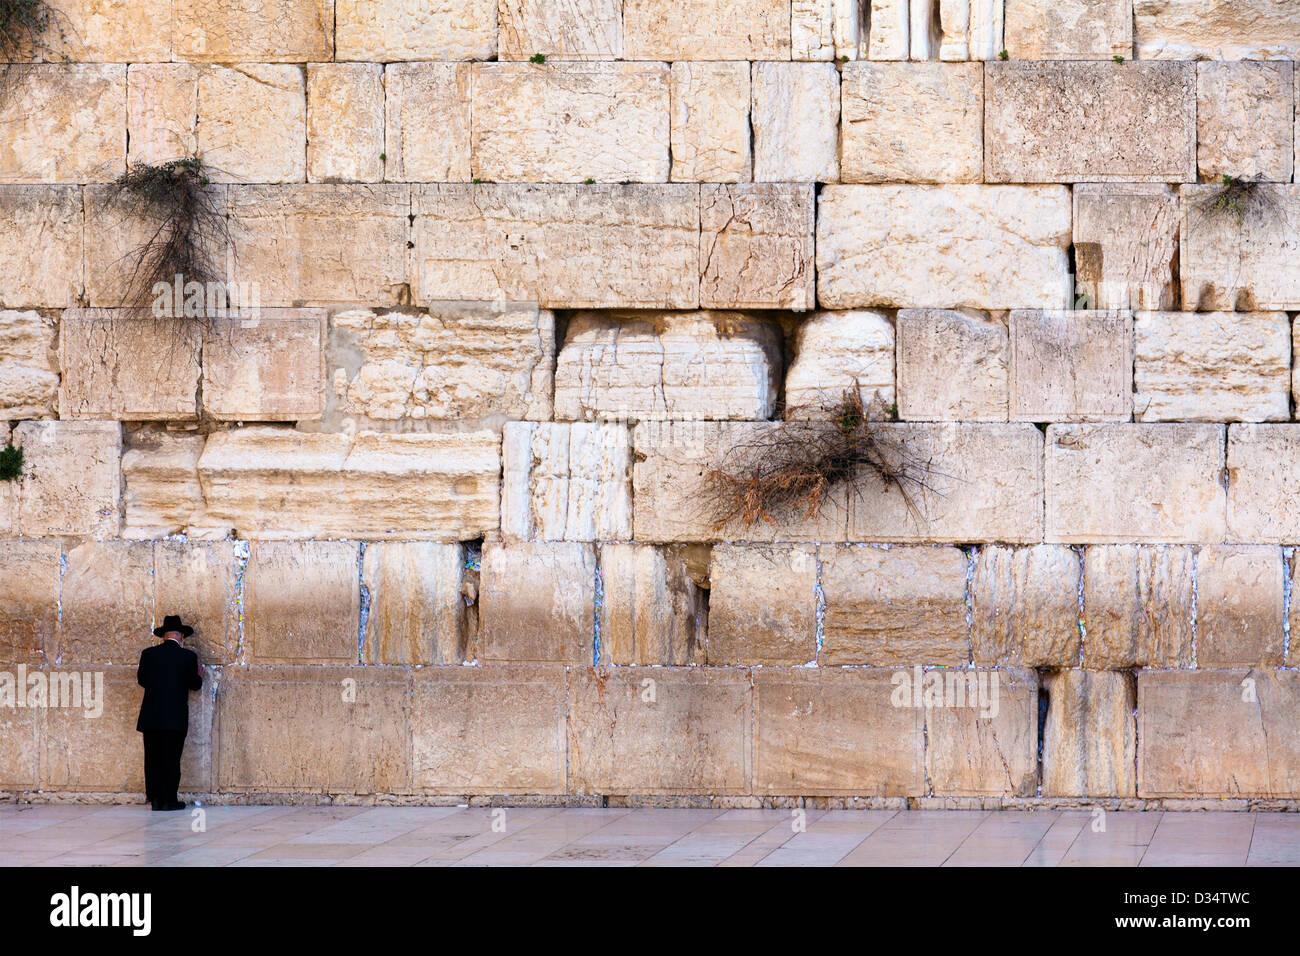 Vista del muro de las Lamentaciones de Jerusalén, Israel Imagen De Stock